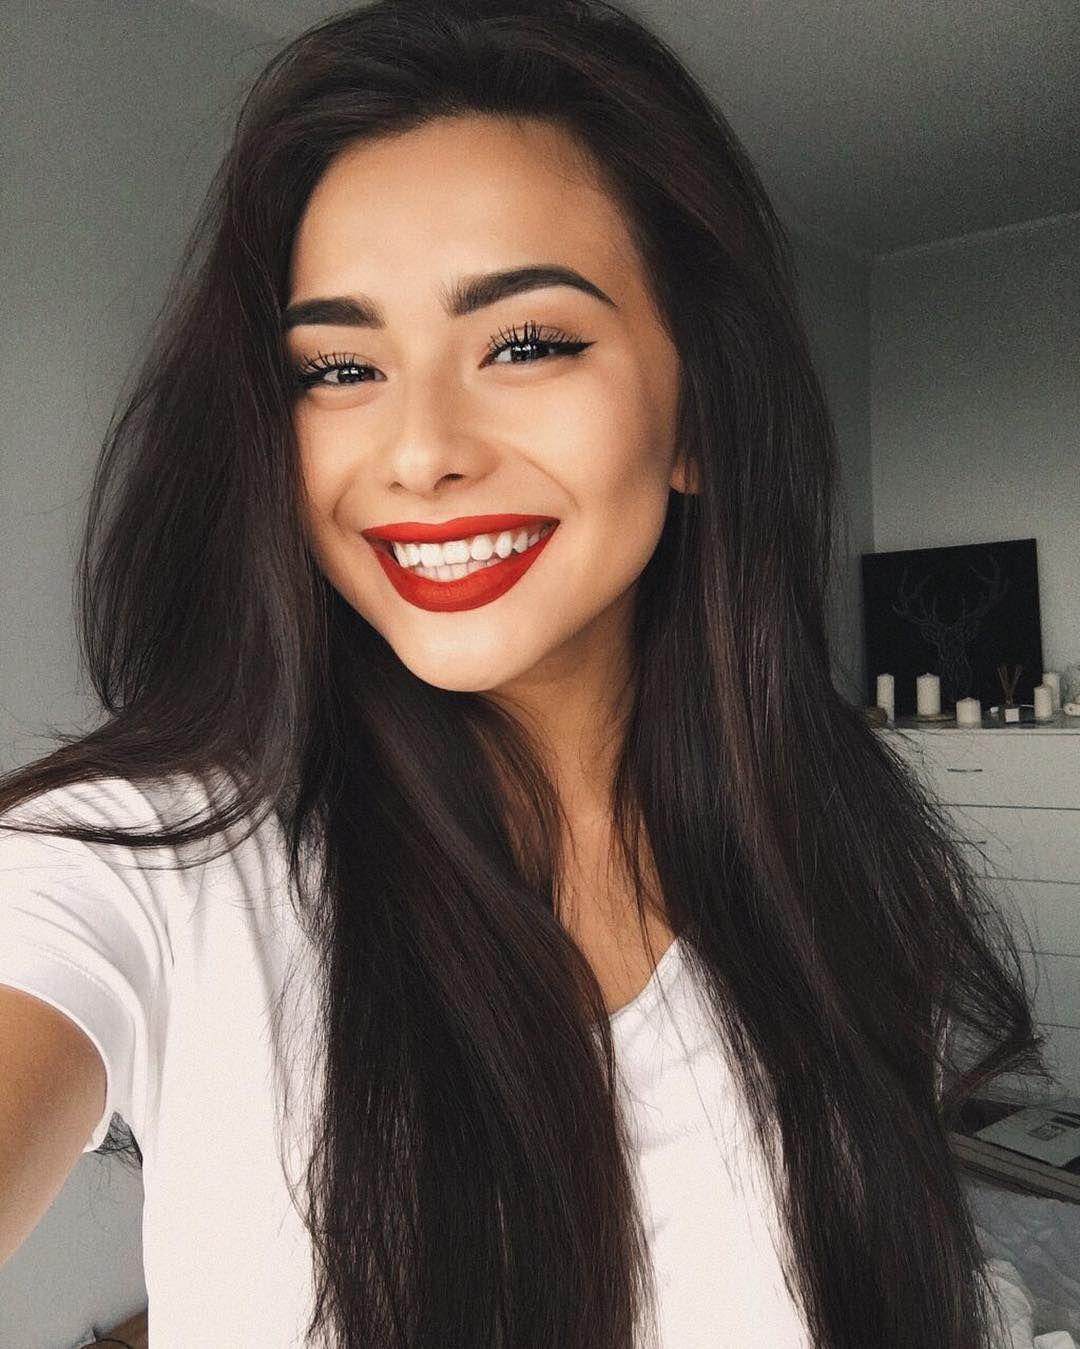 diana_korkunova Red lipstick makeup, Makeup looks, Hair